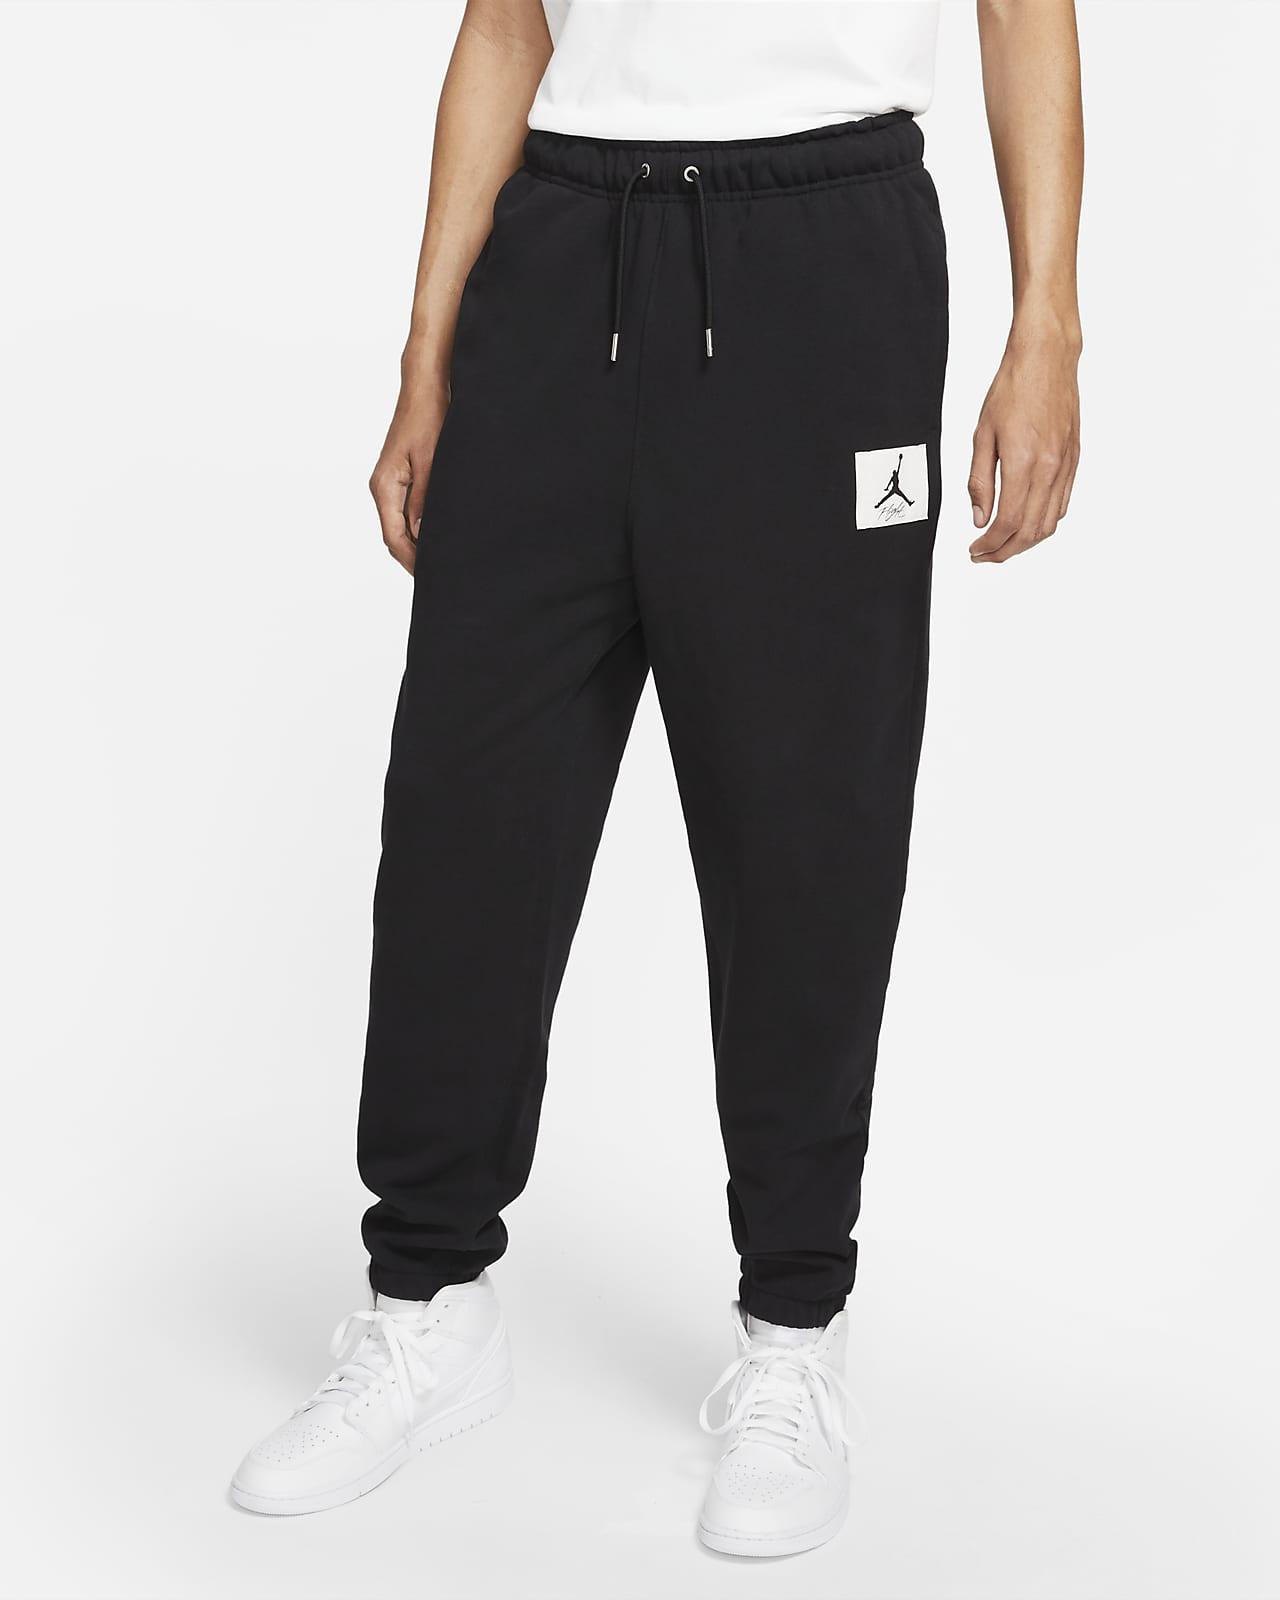 Jordan Essentials Men's Statement Fleece Trousers